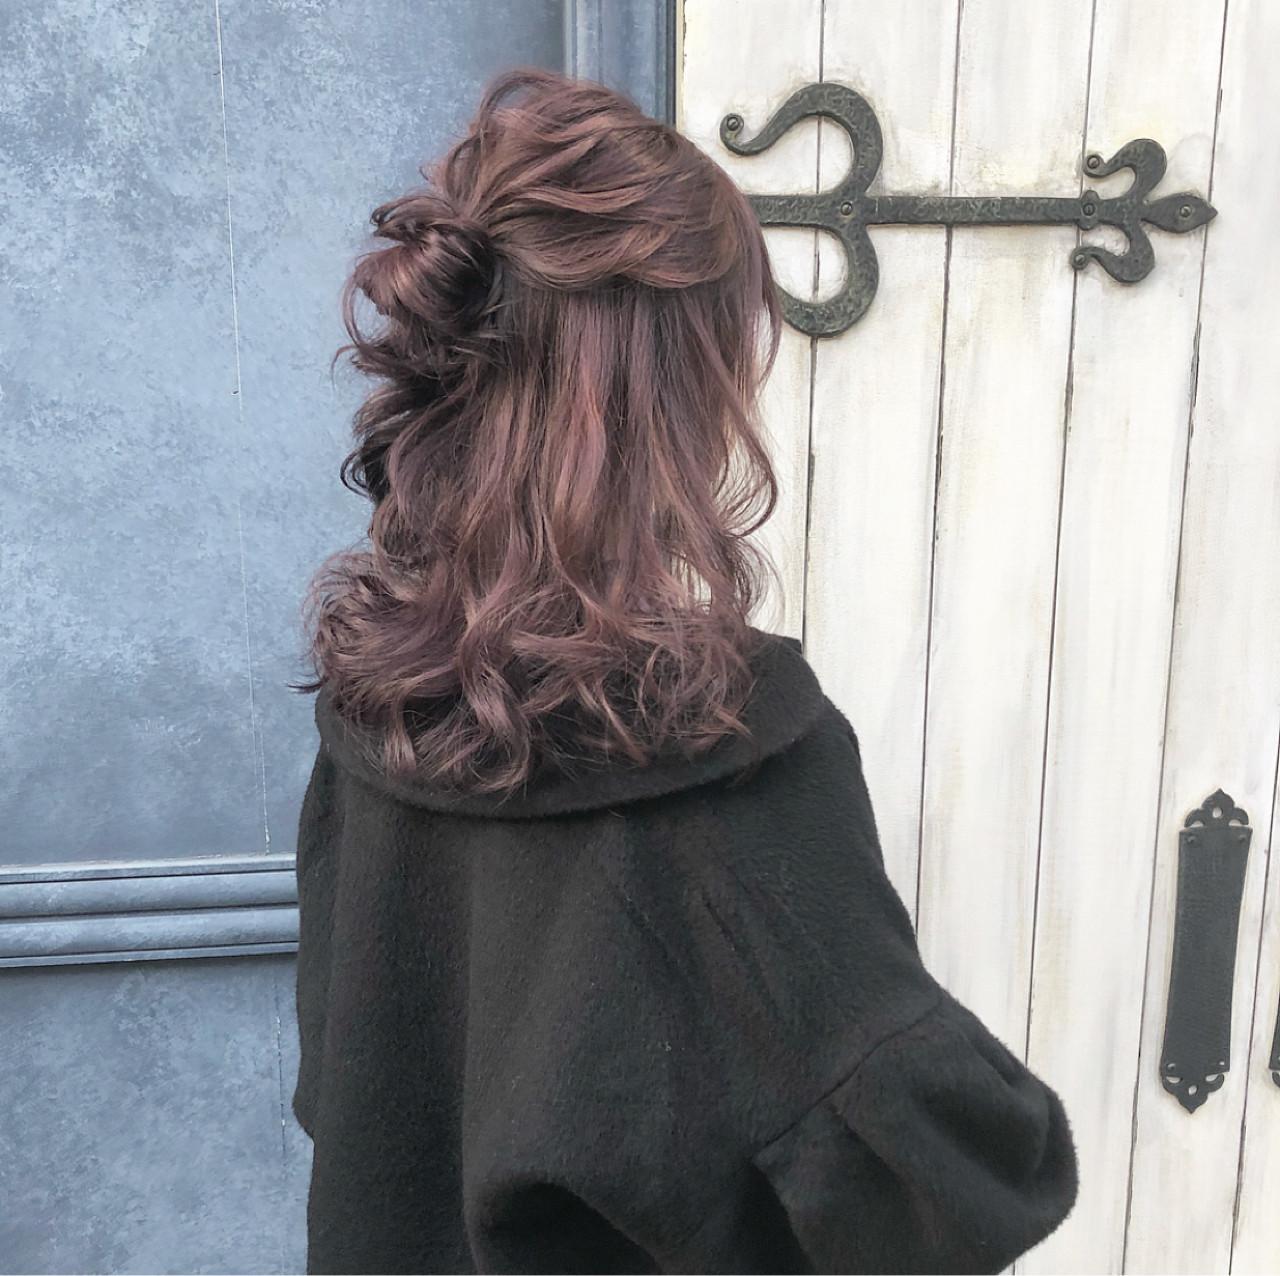 ヘアアレンジ 大人かわいい ガーリー デート ヘアスタイルや髪型の写真・画像